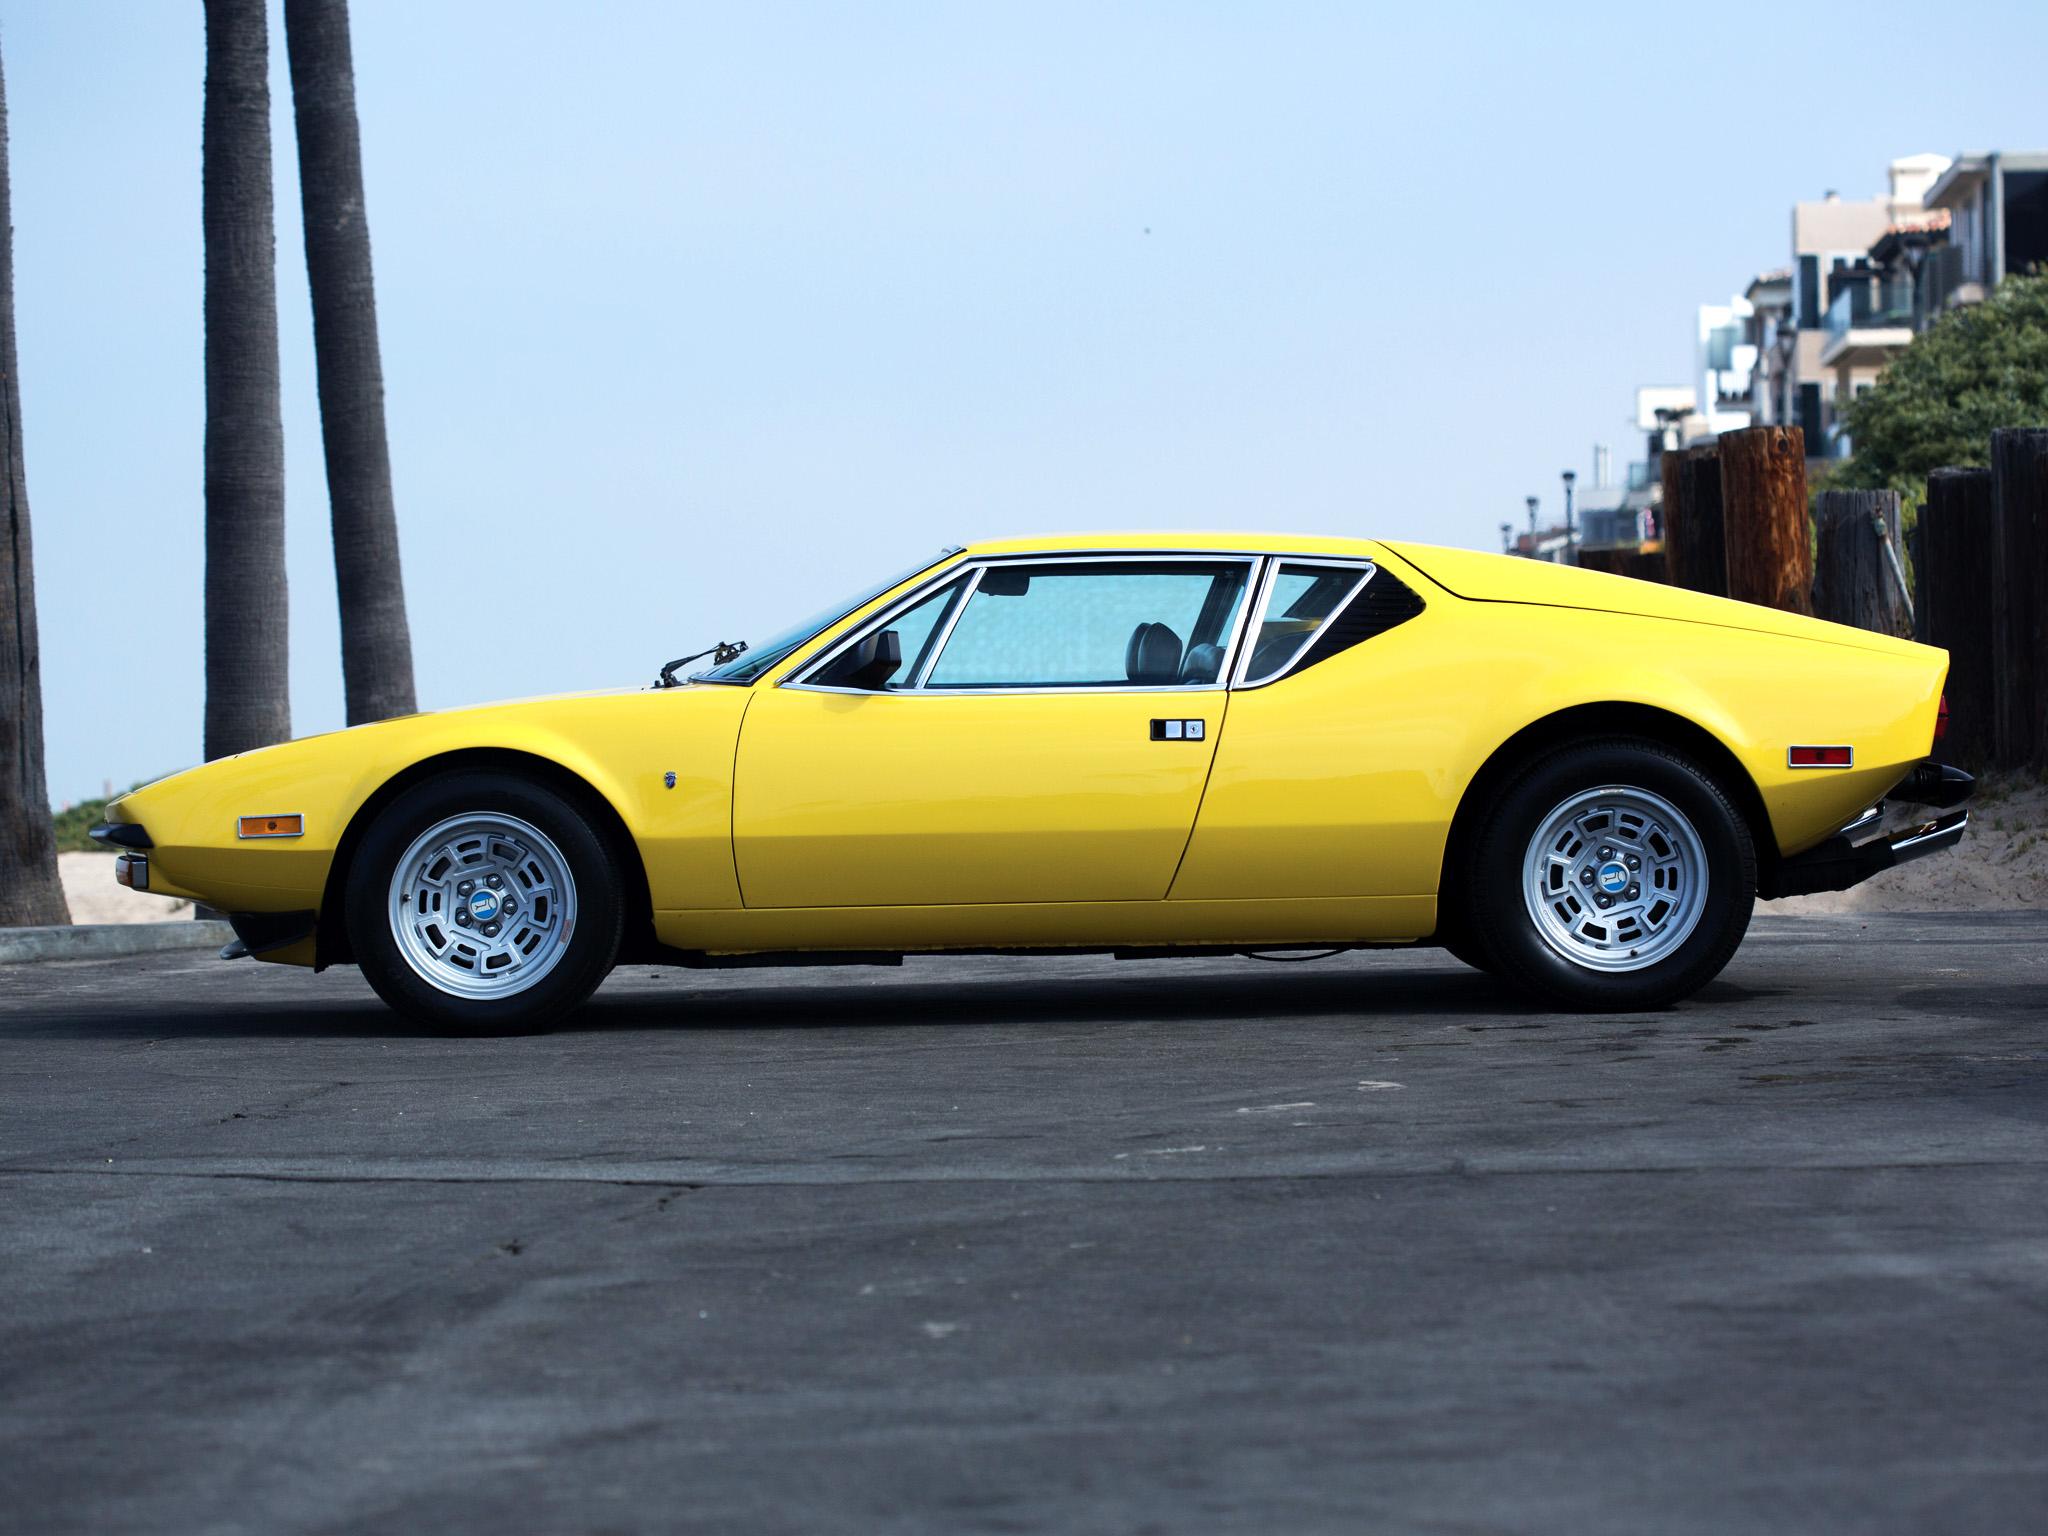 De Tomaso Pantera L >> 1972 De-Tomaso Pantera L supercar supercars classic Tomaso fd wallpaper | 2048x1536 | 115996 ...